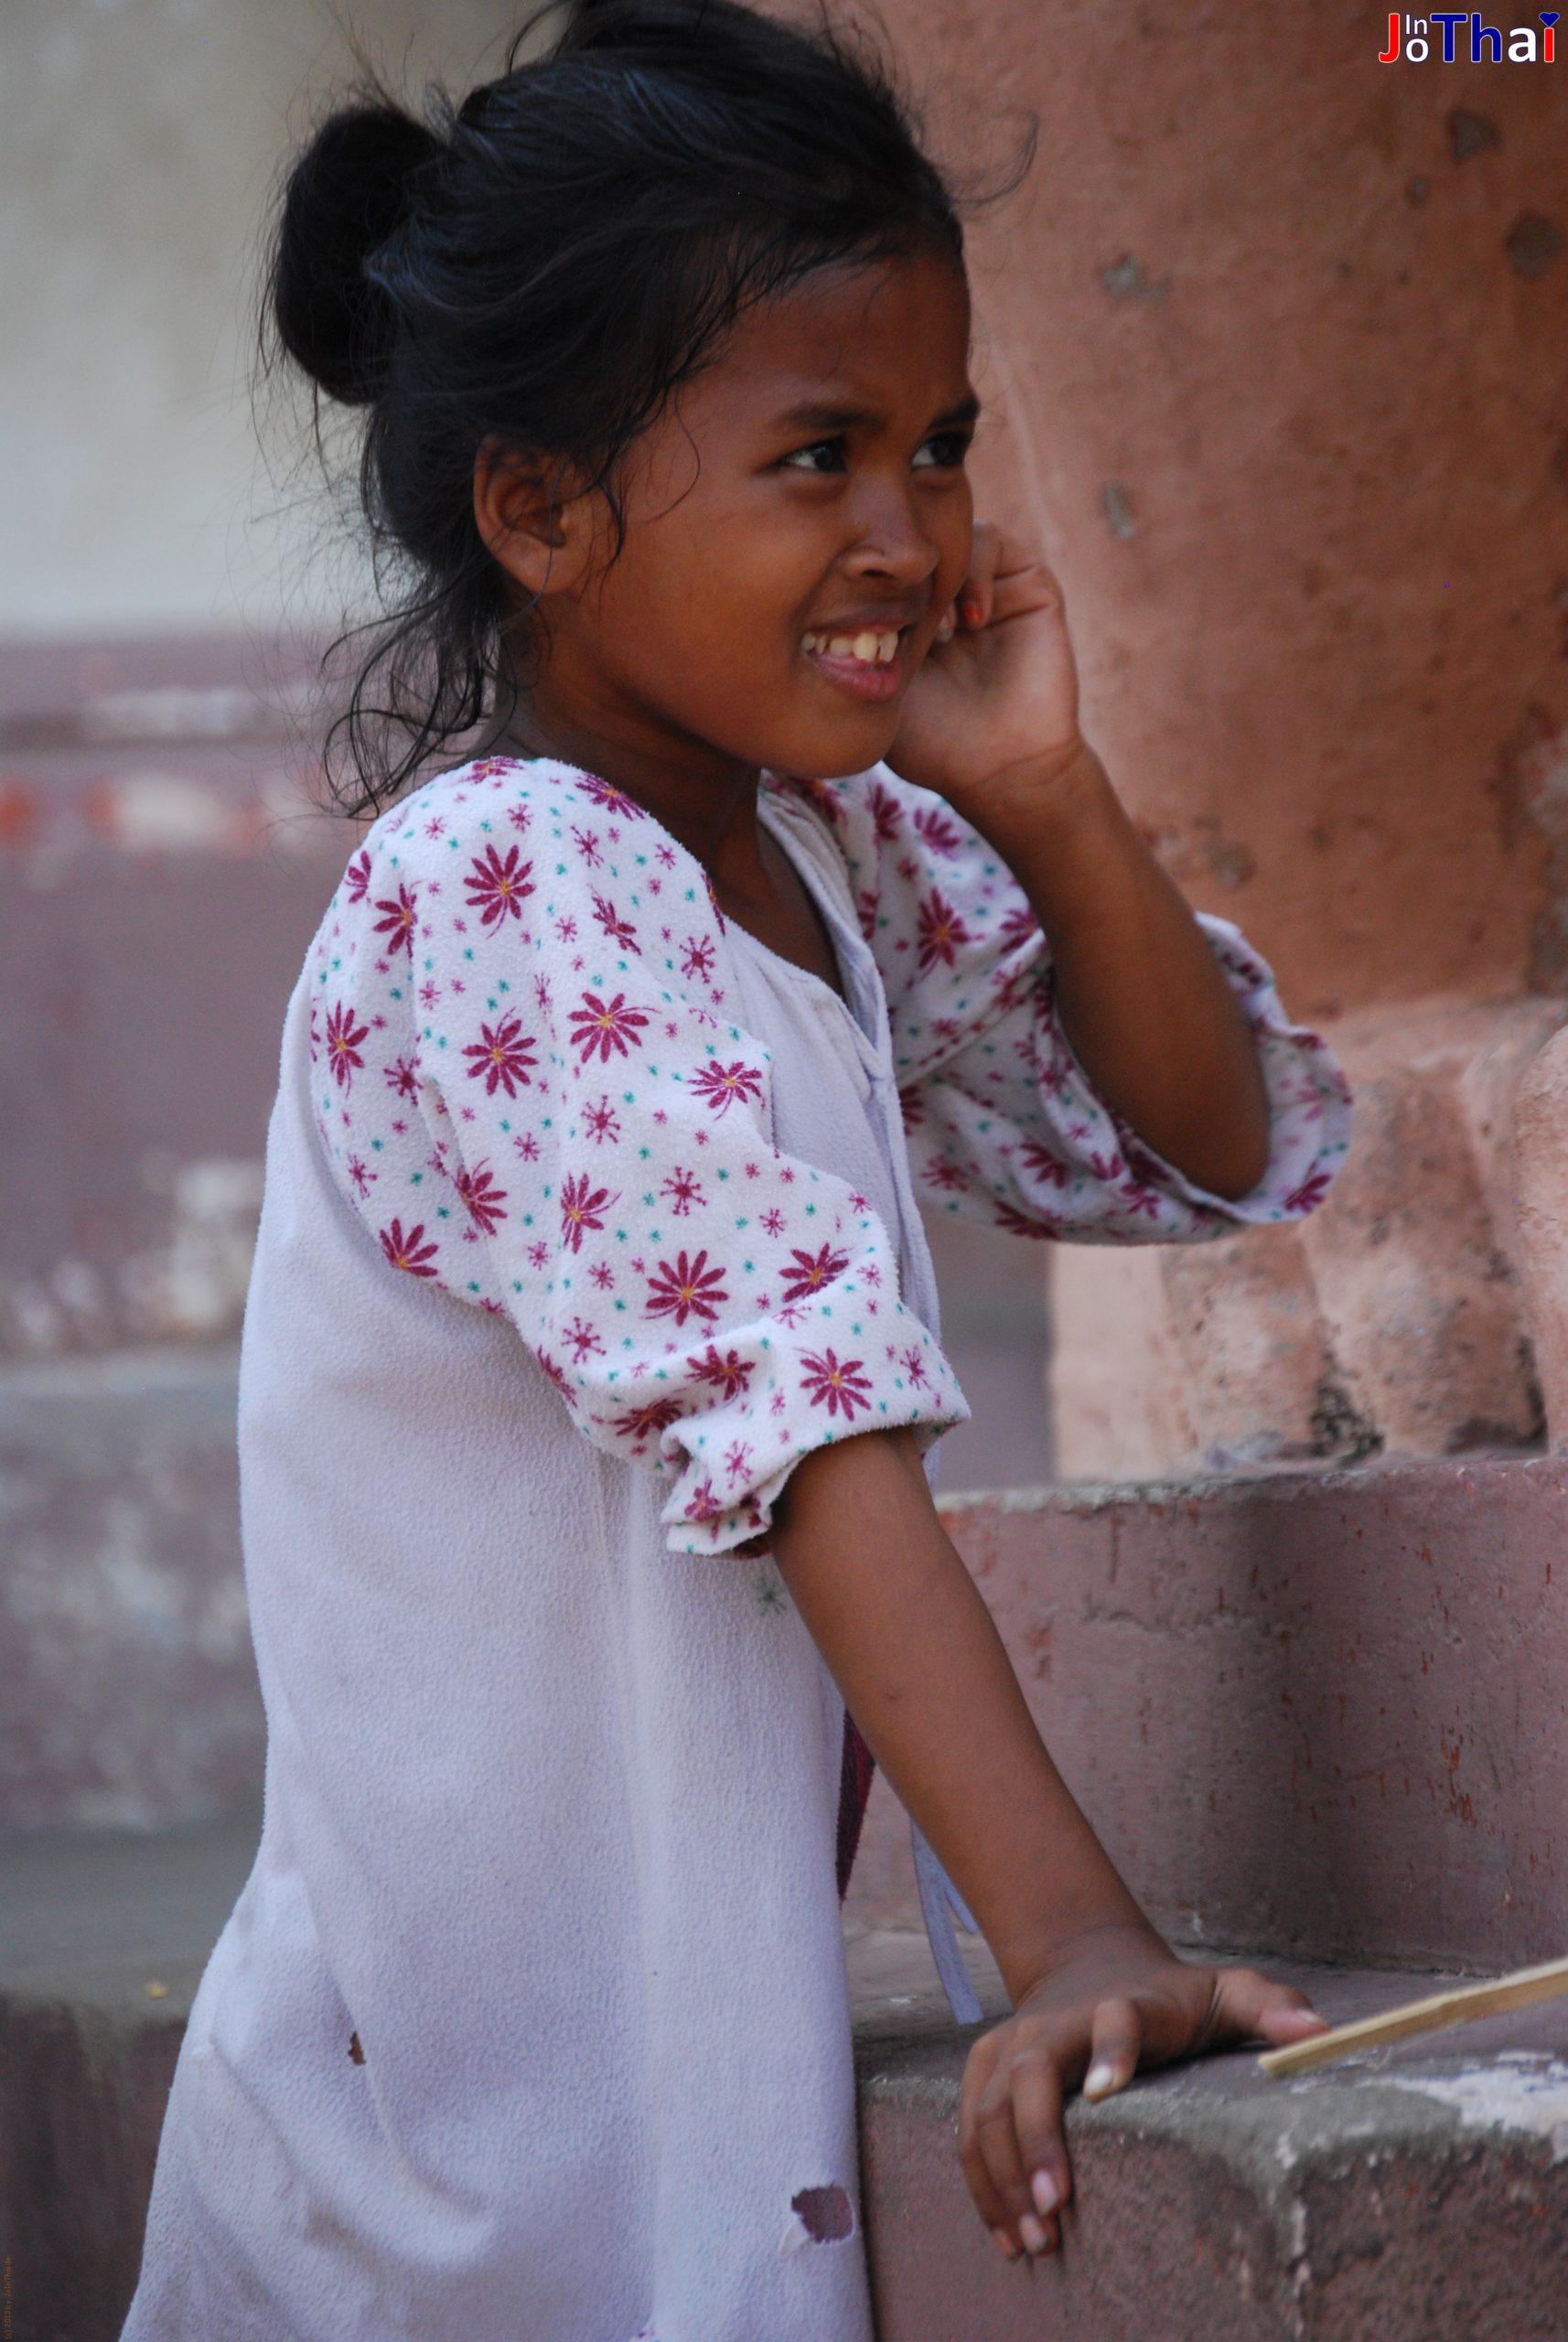 Kleines Mädchen am Wat Phnom in Phnom Penh - Kambodscha